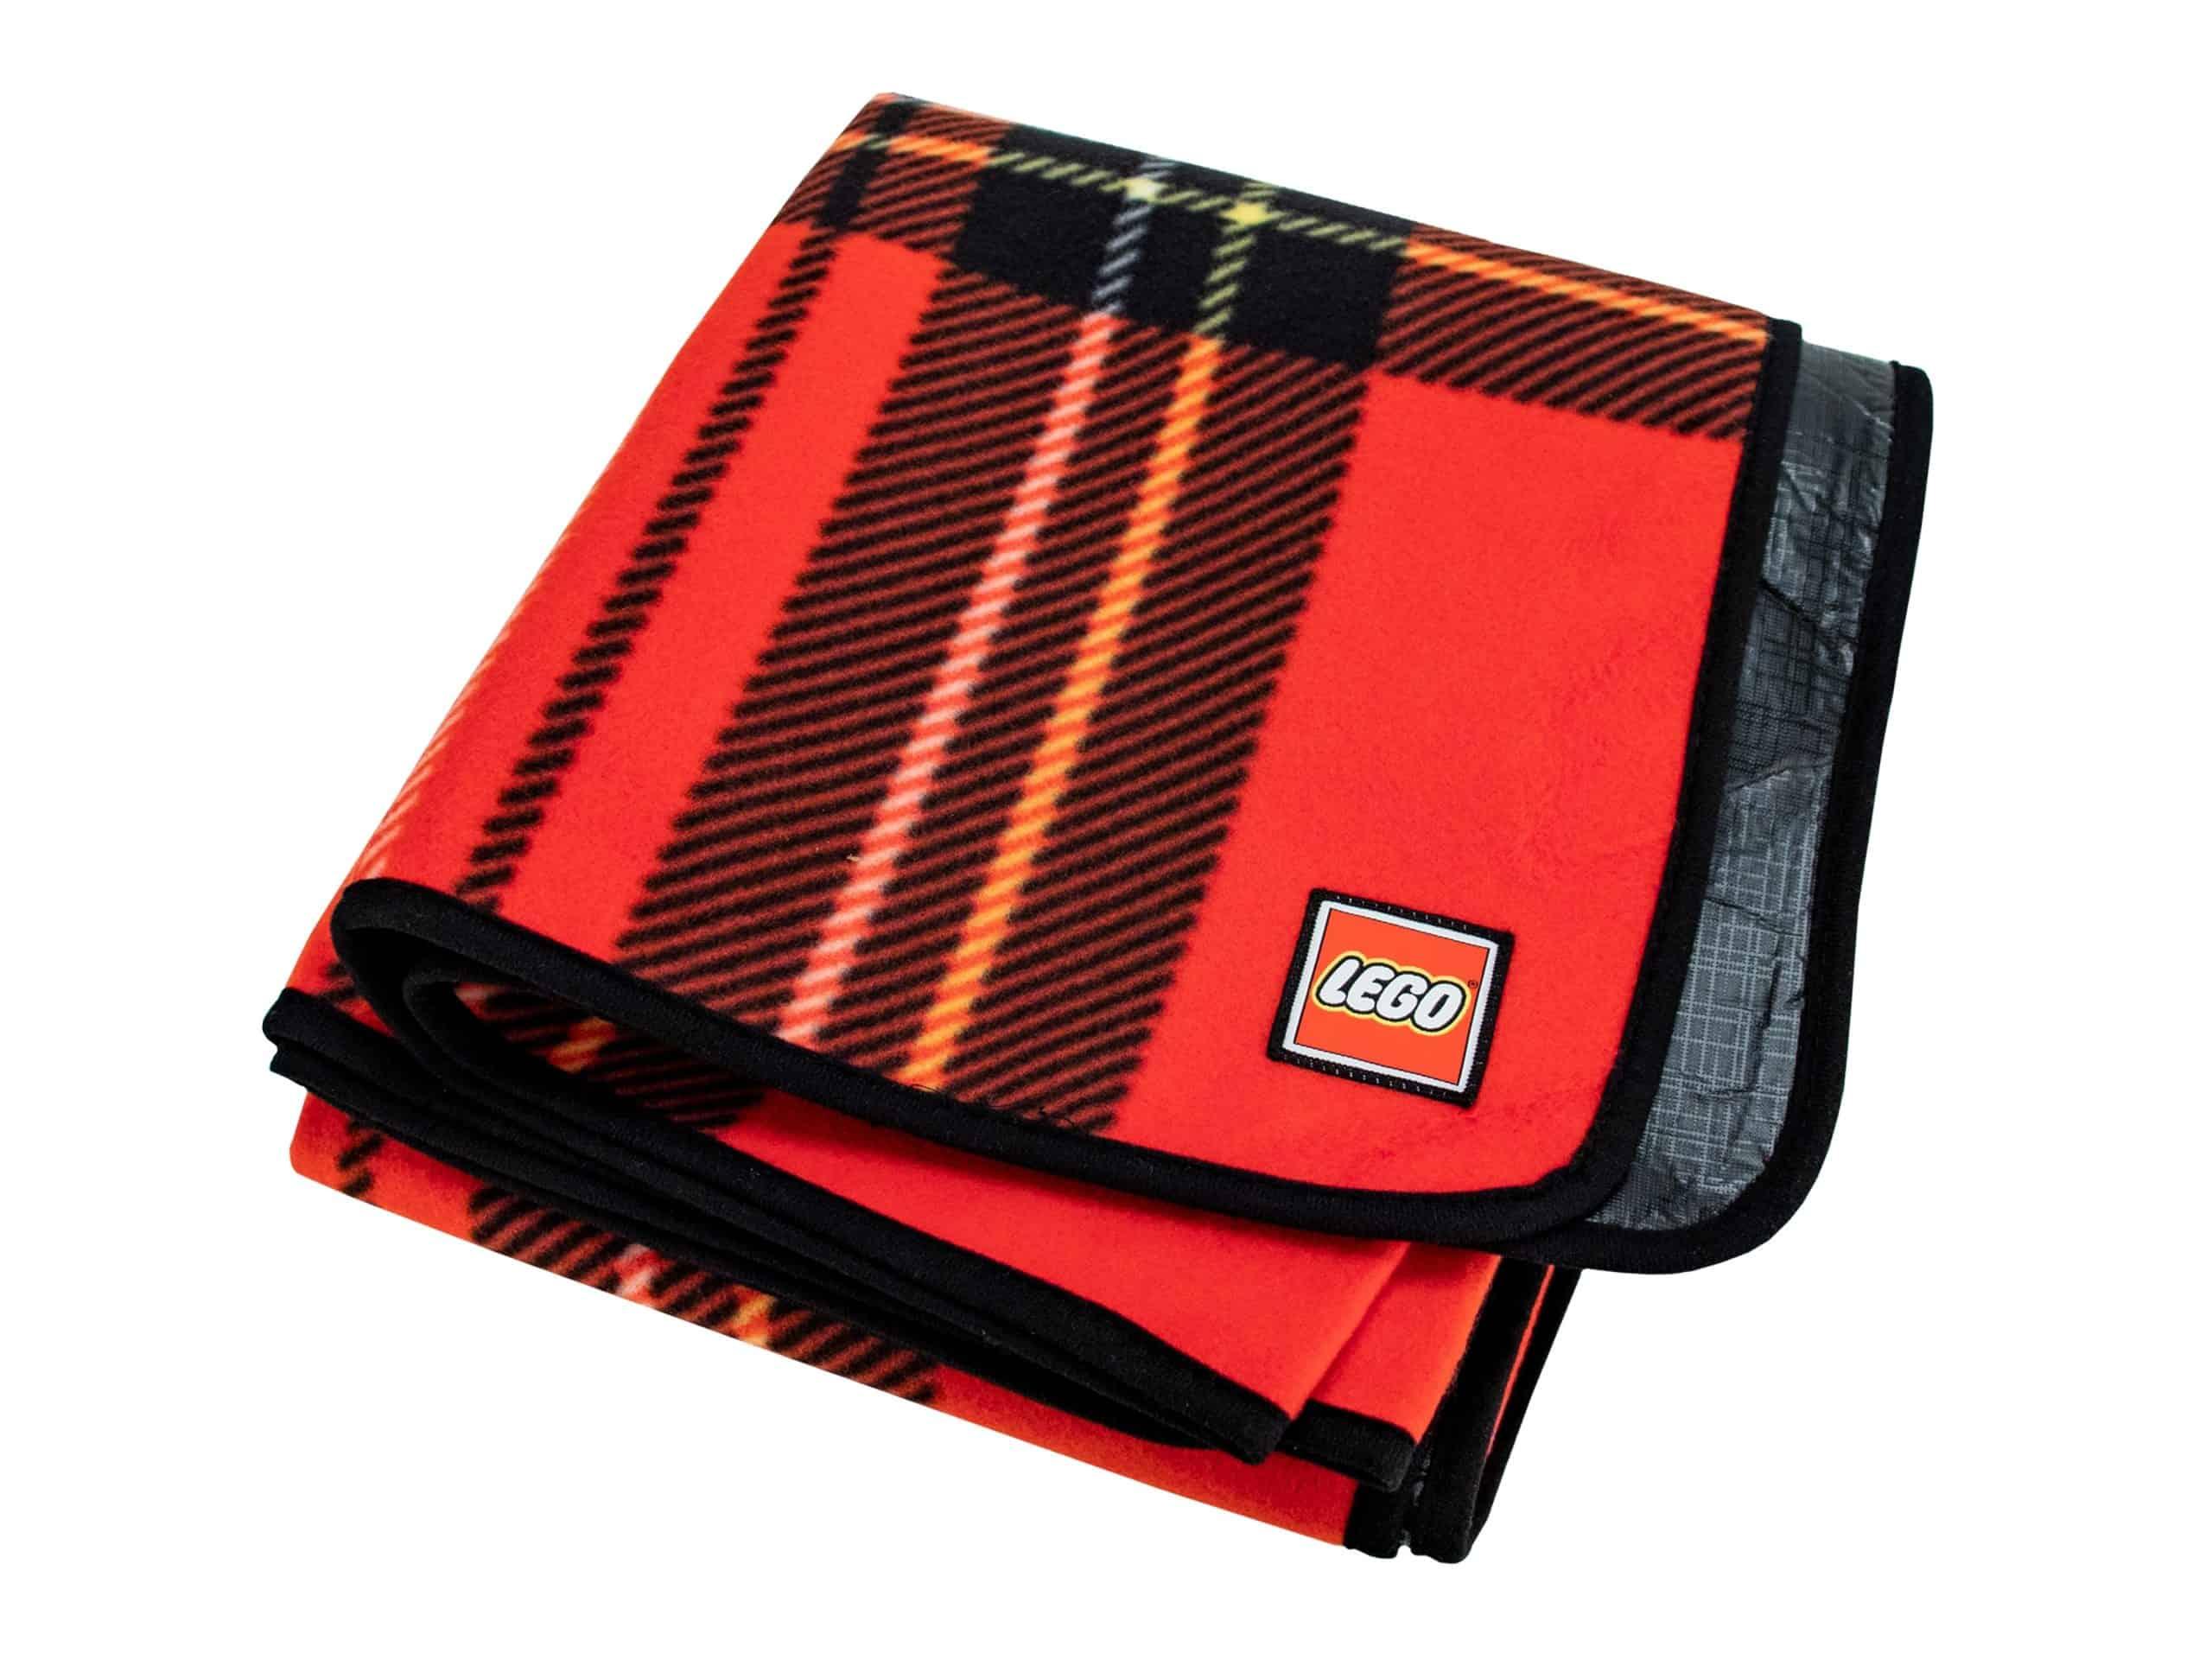 eksklusivt lego 5006016 picnictaeppe scaled